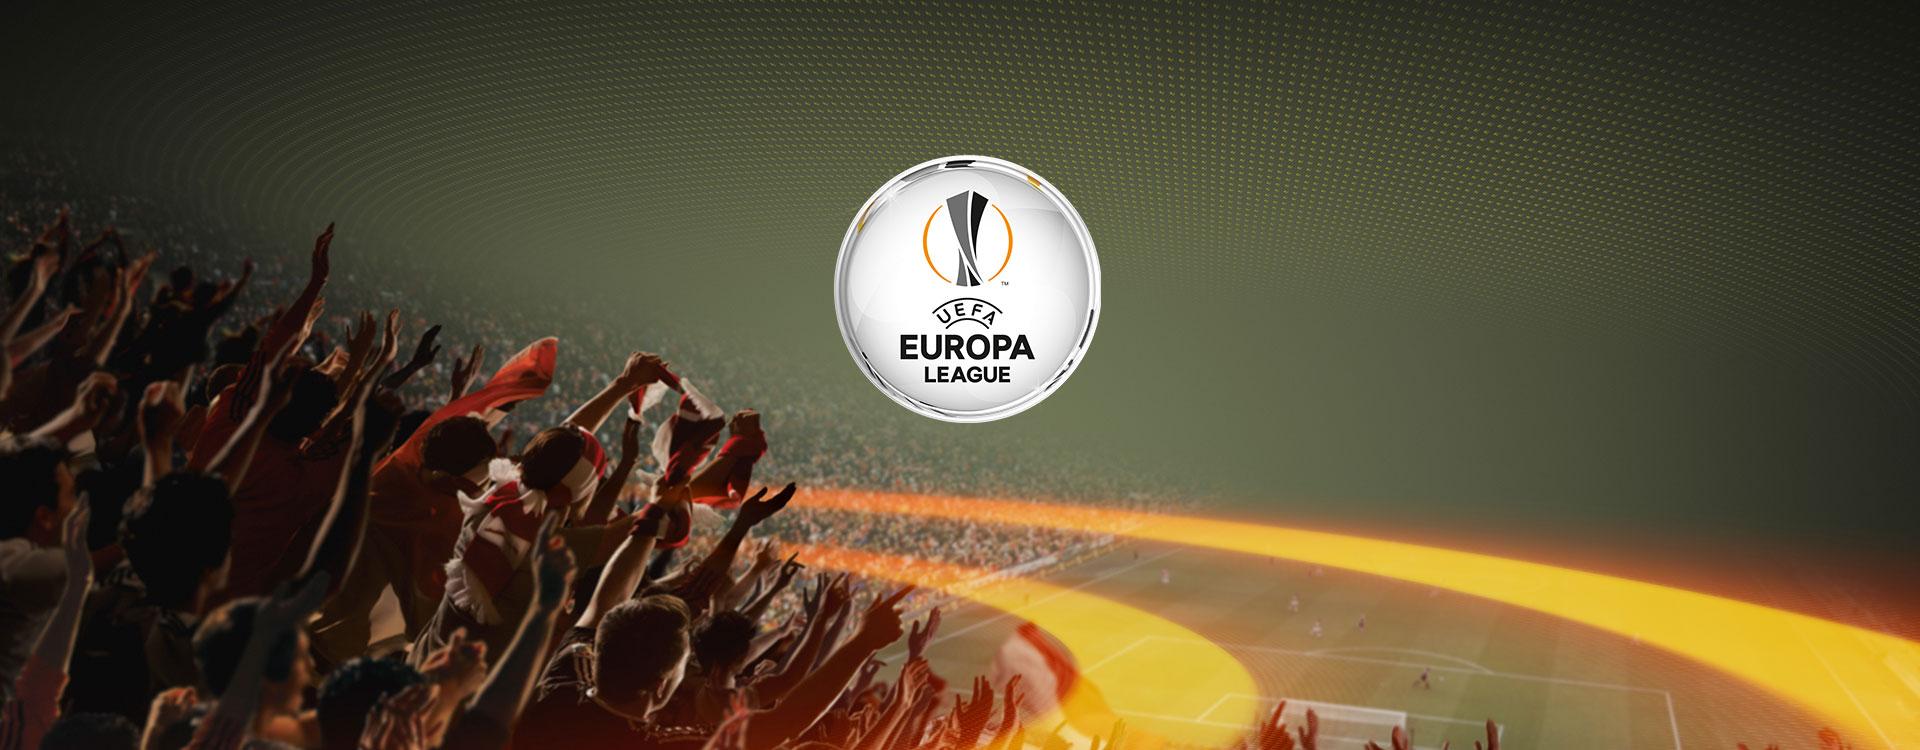 Europa League, 16esimi Ritorno - in diretta esclusiva con i telecronisti Sky Sport HD (e su TV8)